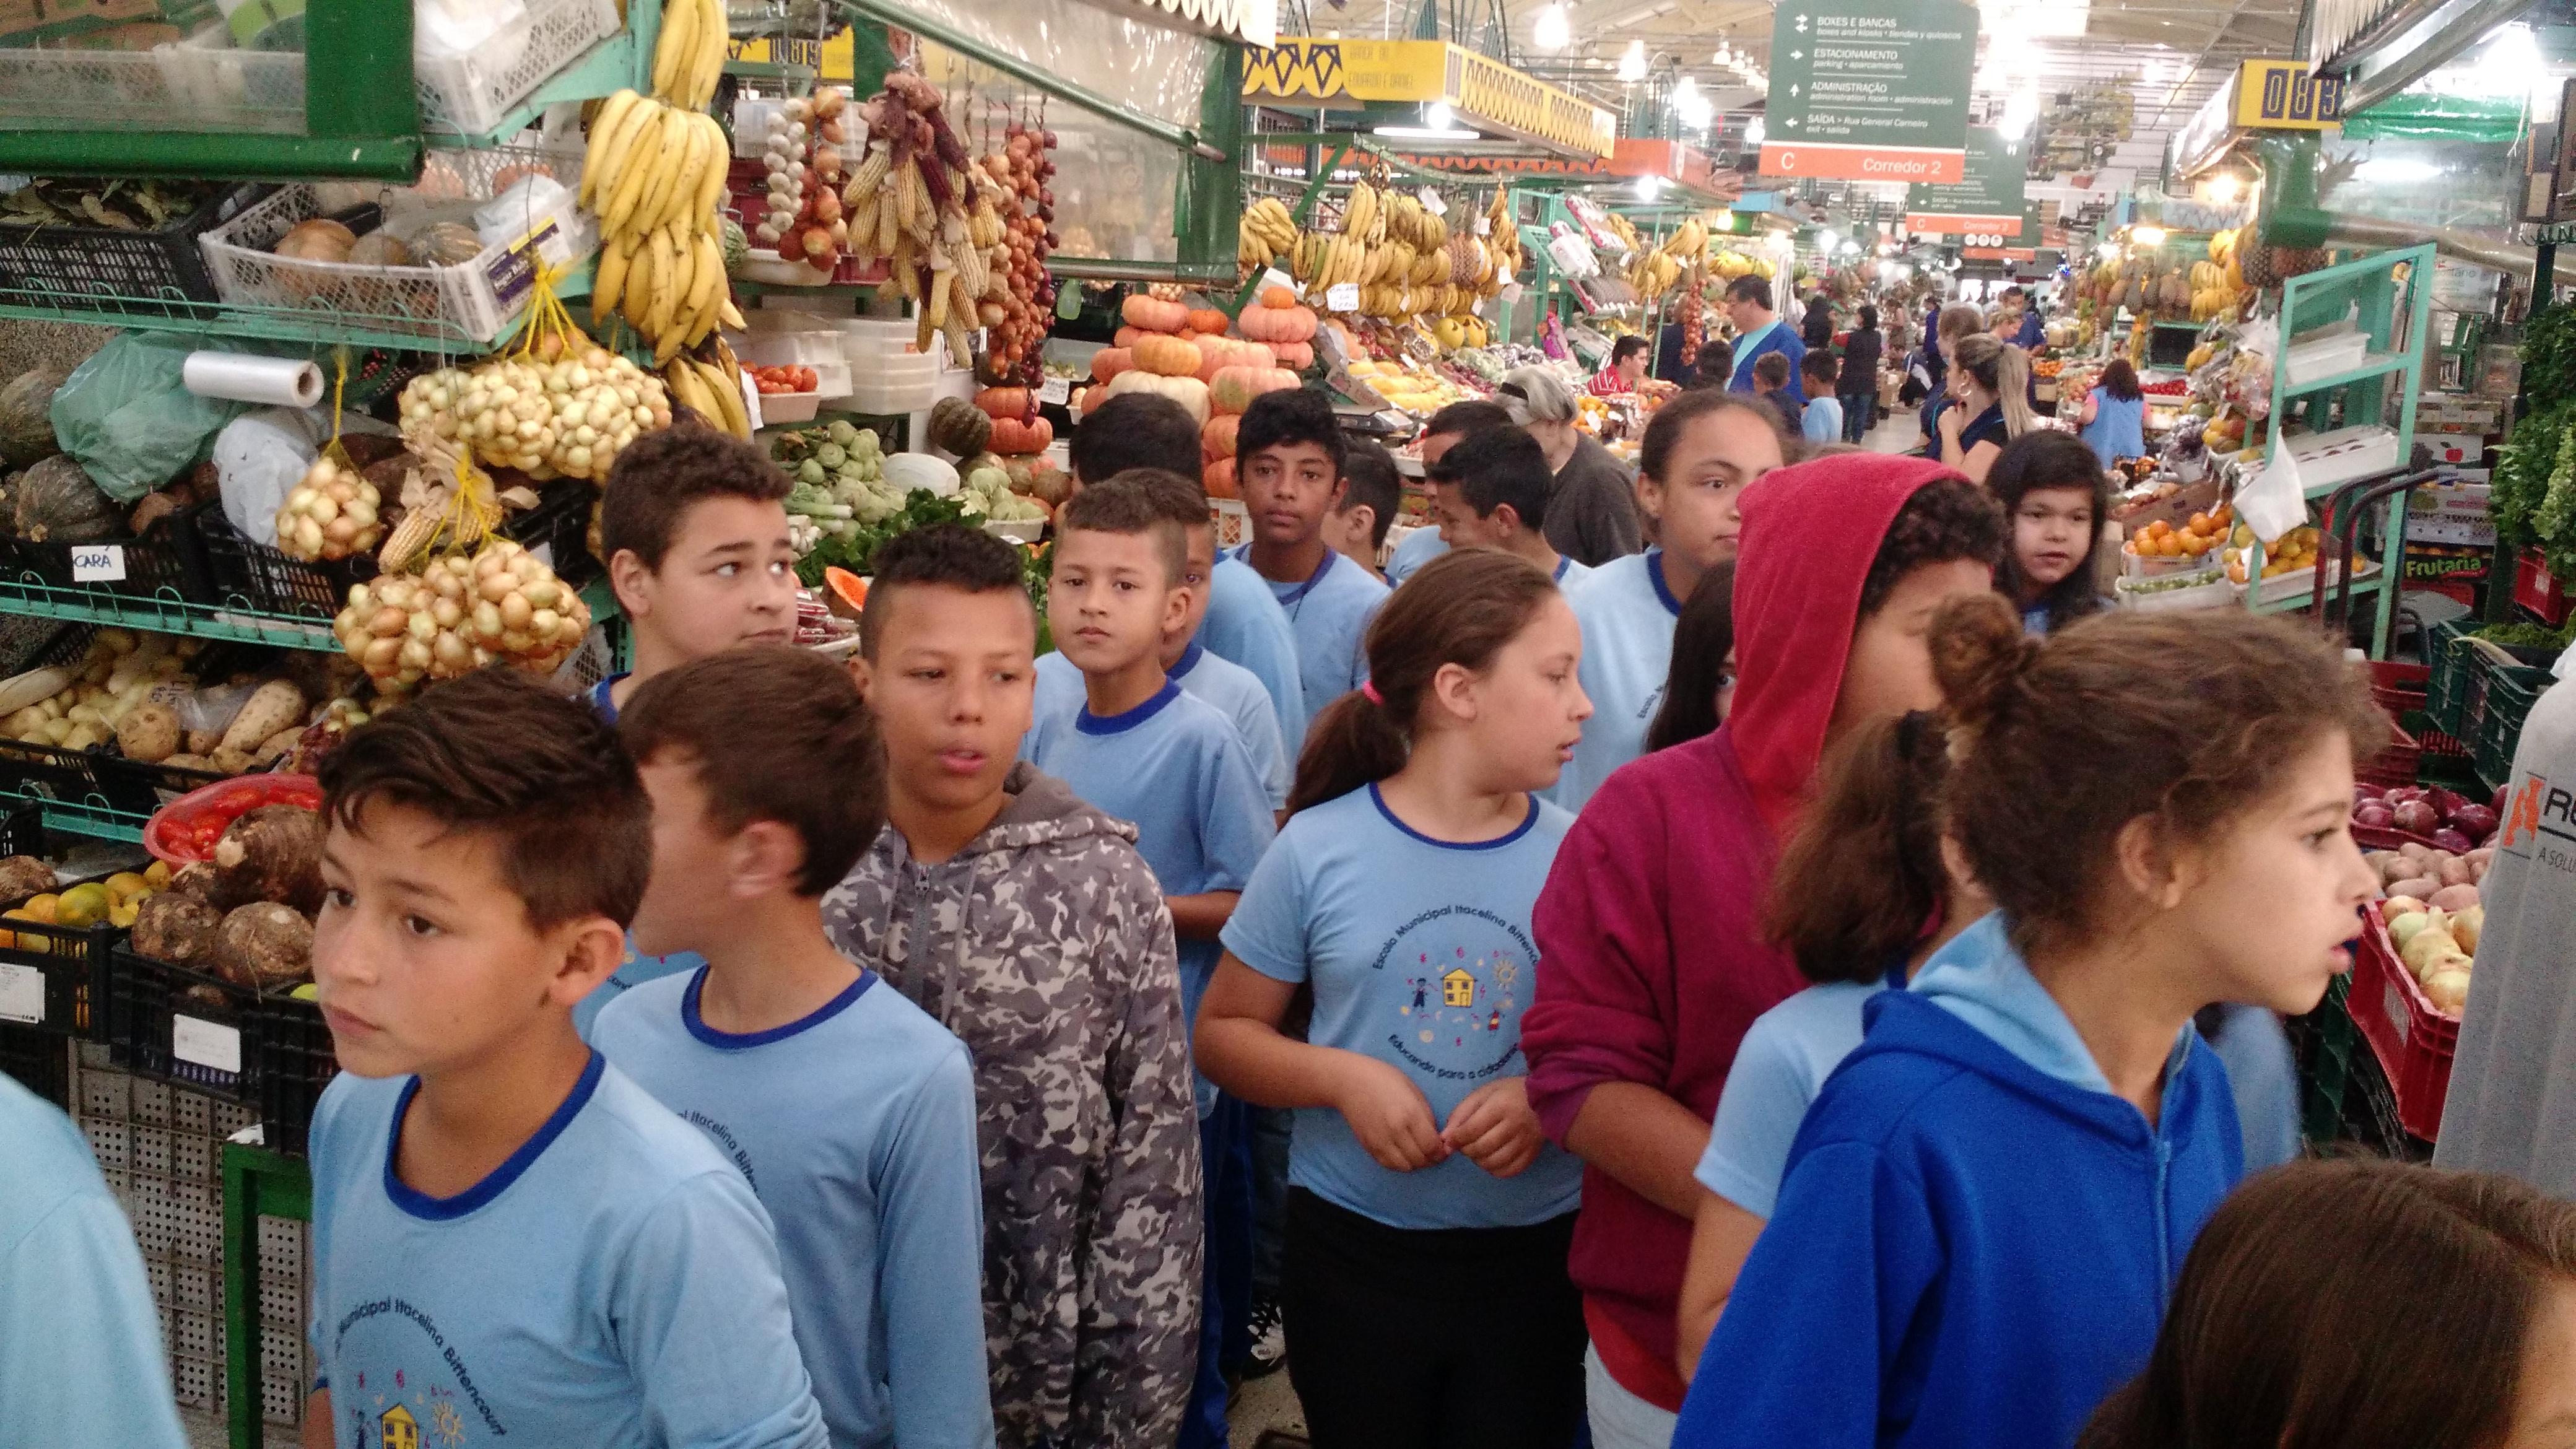 Linhas do Conhecimento Mercado Municipal